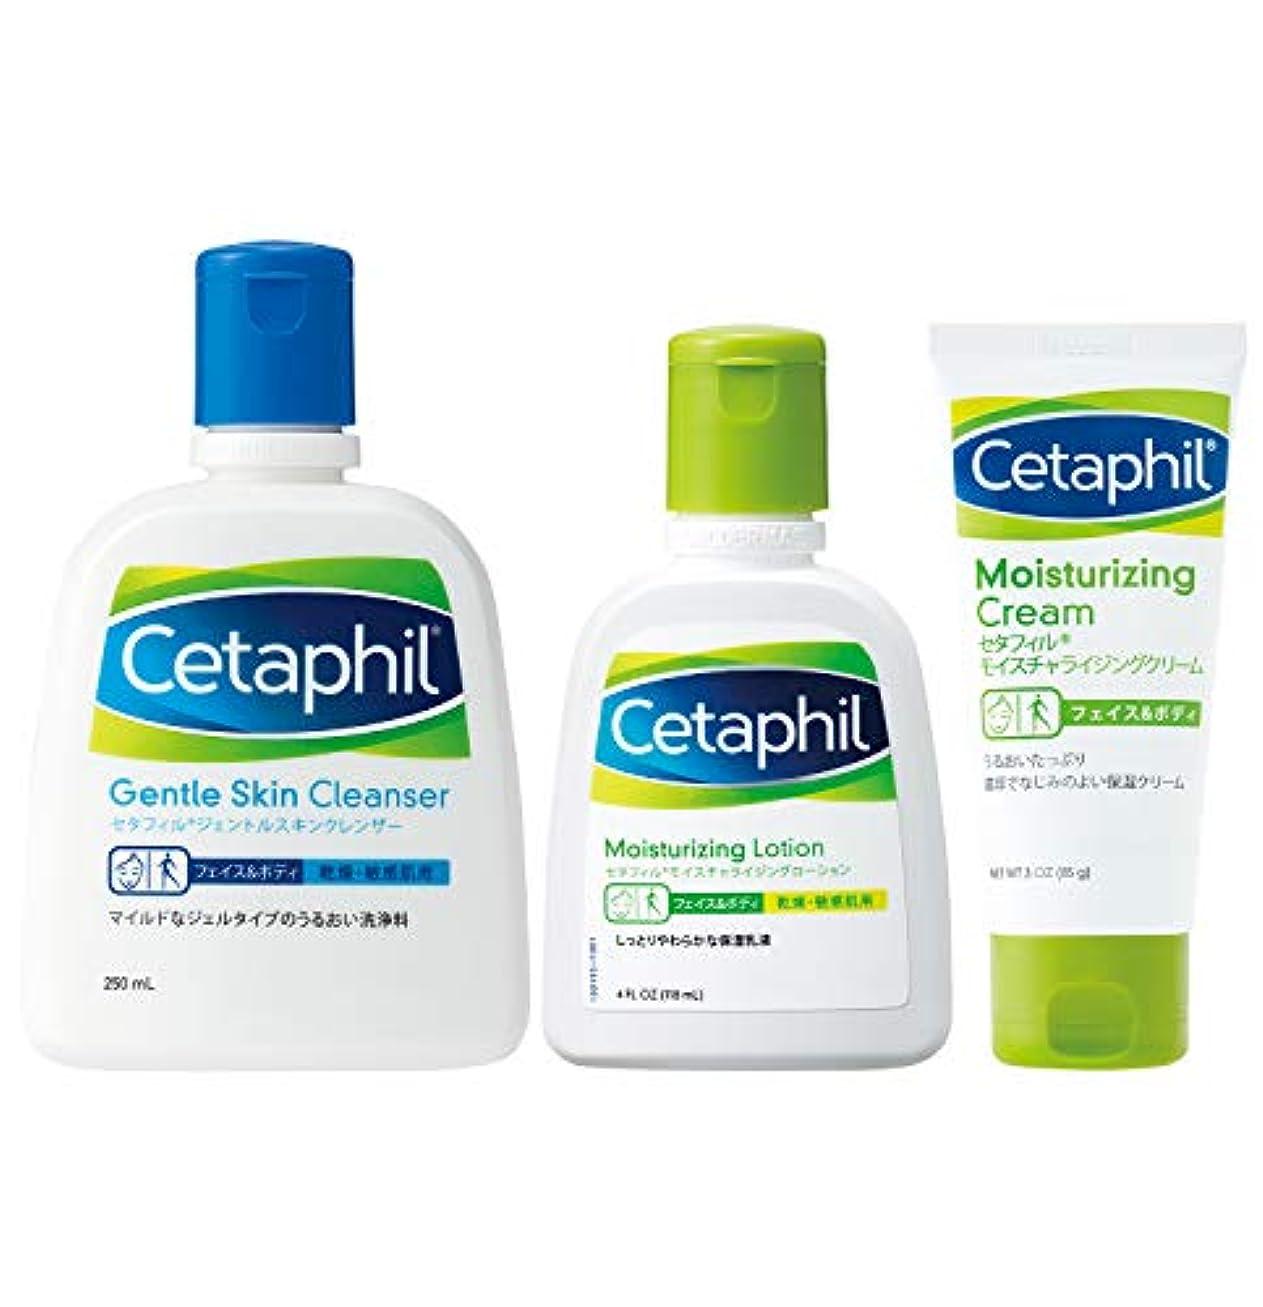 ピット中古メールを書くセタフィル Cetaphil ® トライアル 3点セット (フェイス & ボディ クレンザー 250ml ローション 118ml クリーム 85g)